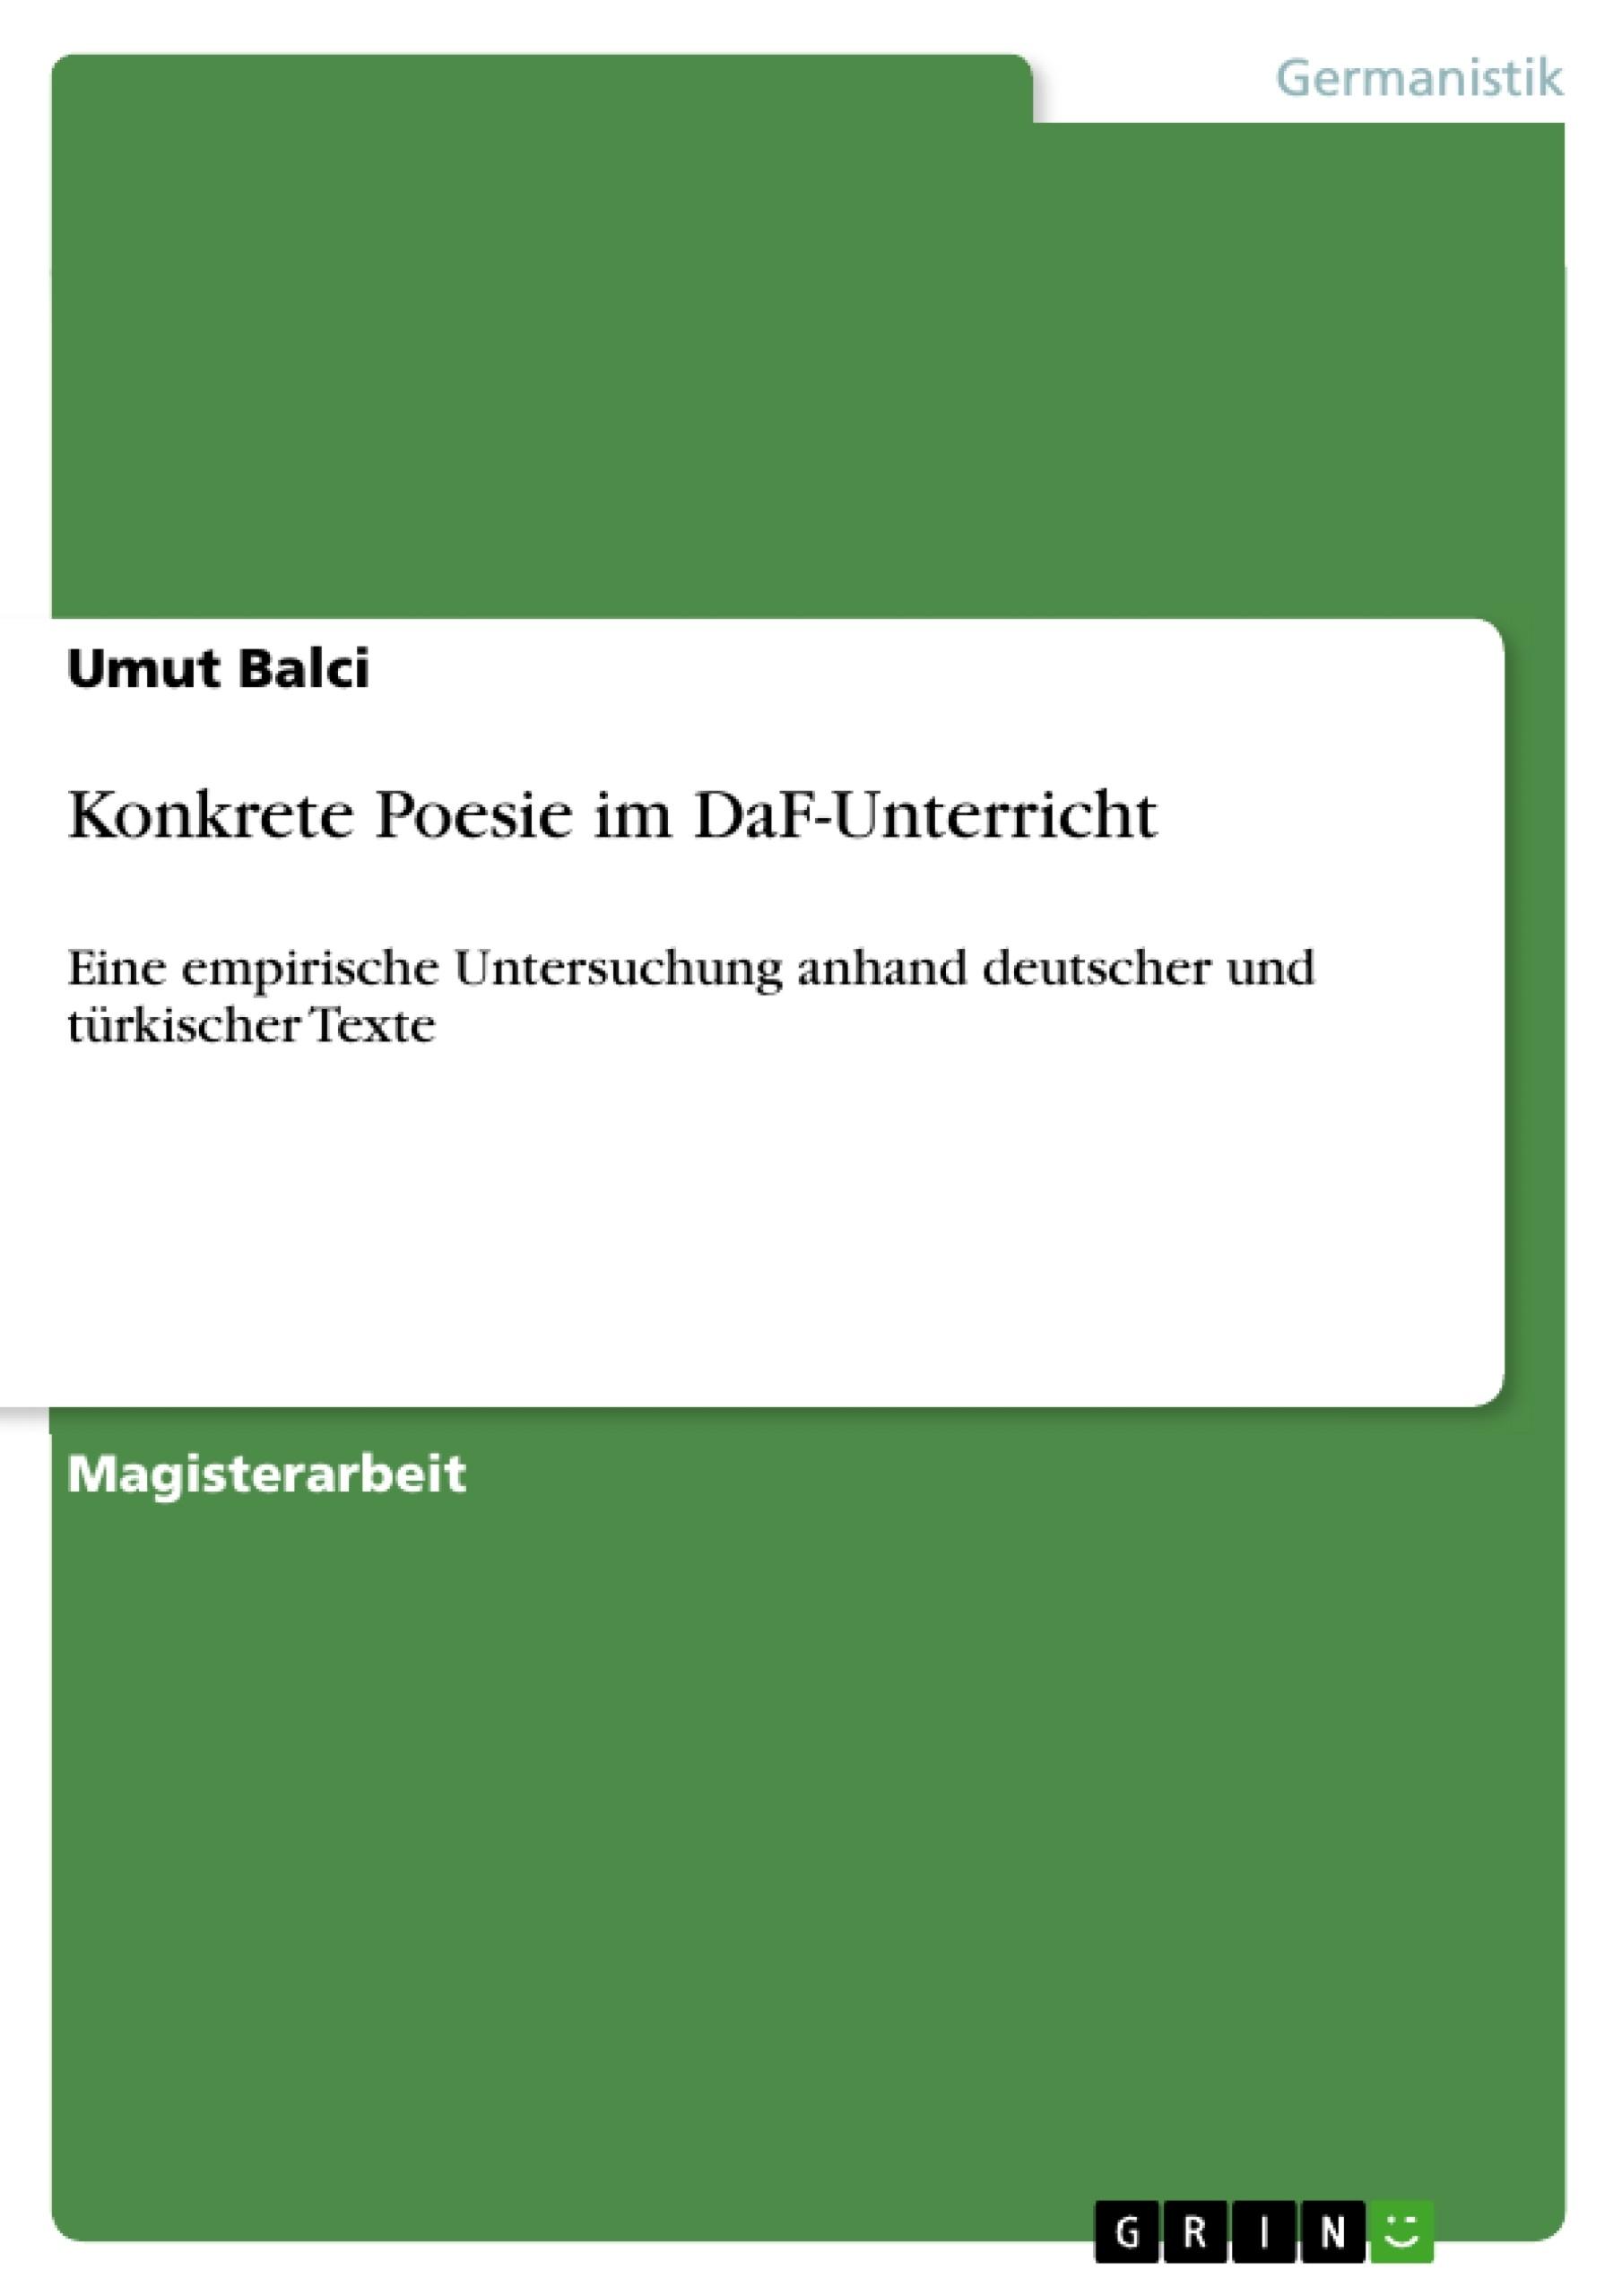 Konkrete Poesie im DaF-Unterricht | Masterarbeit, Hausarbeit ...